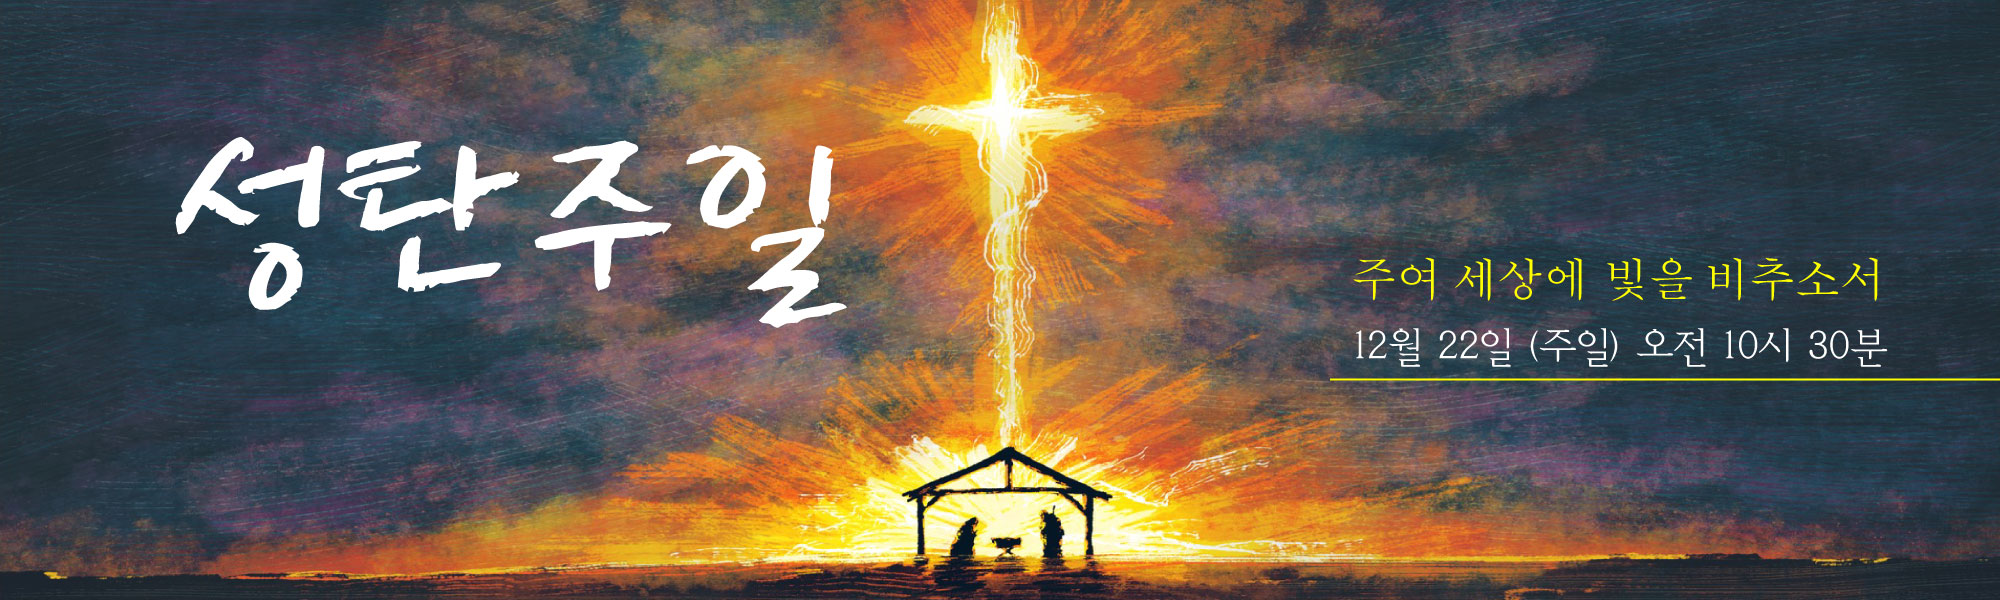 성탄절 예배